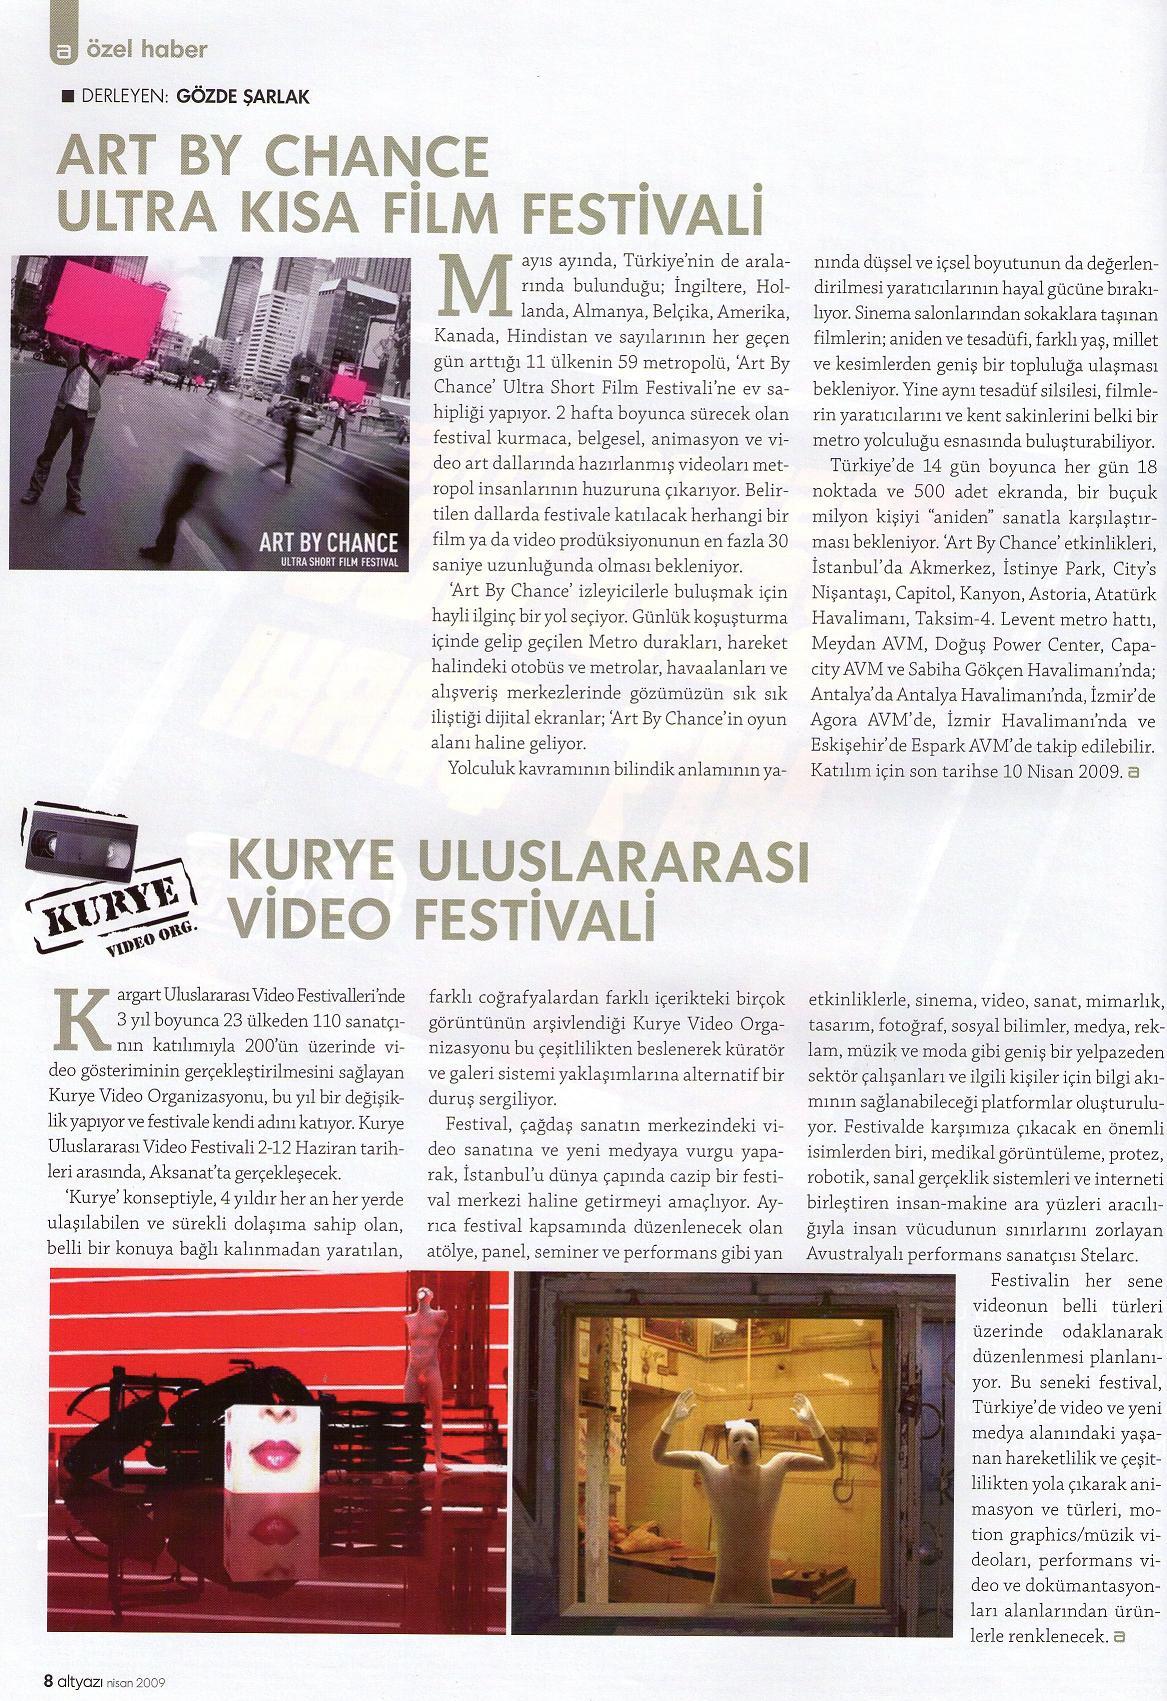 Altyazi_04.09_haber.JPG